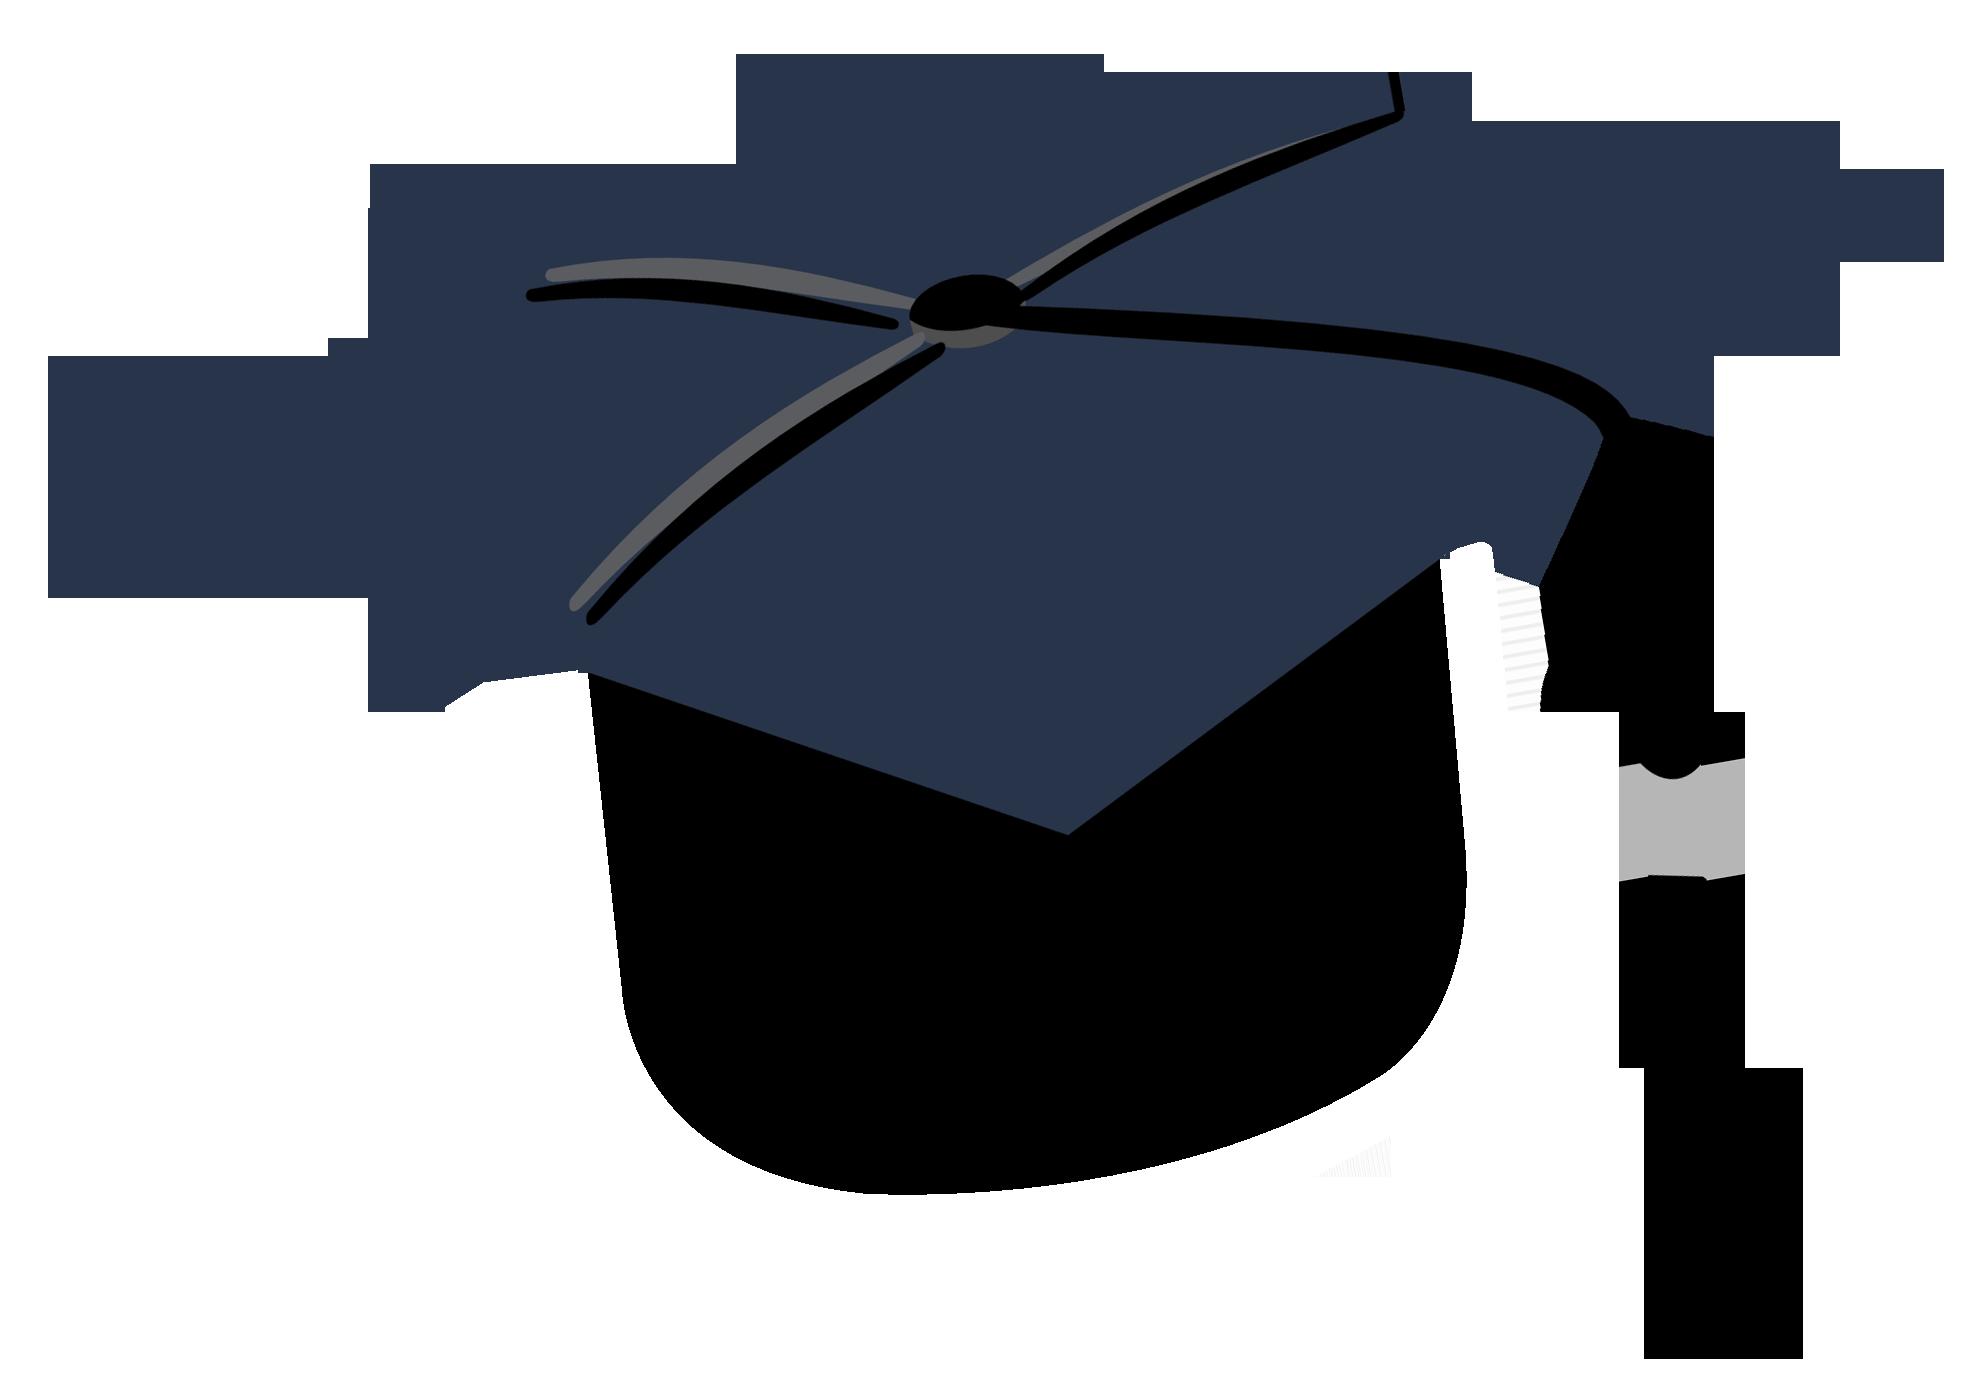 Graduation Cap Png Free Download Best Graduation Cap Png